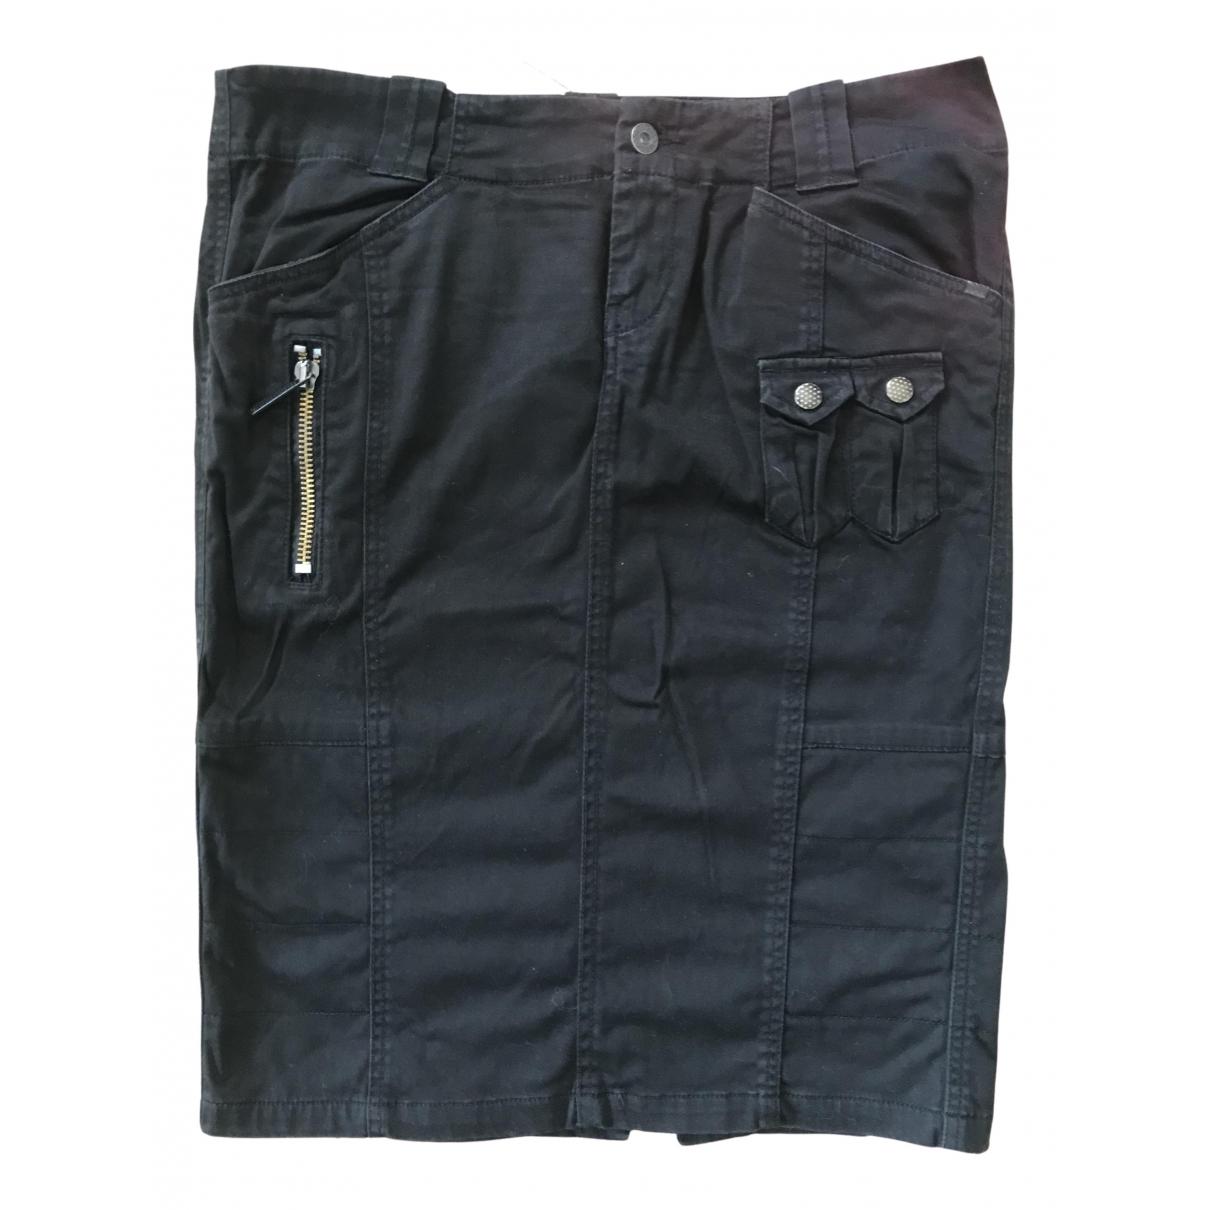 Diesel - Jupe   pour femme en coton - elasthane - noir